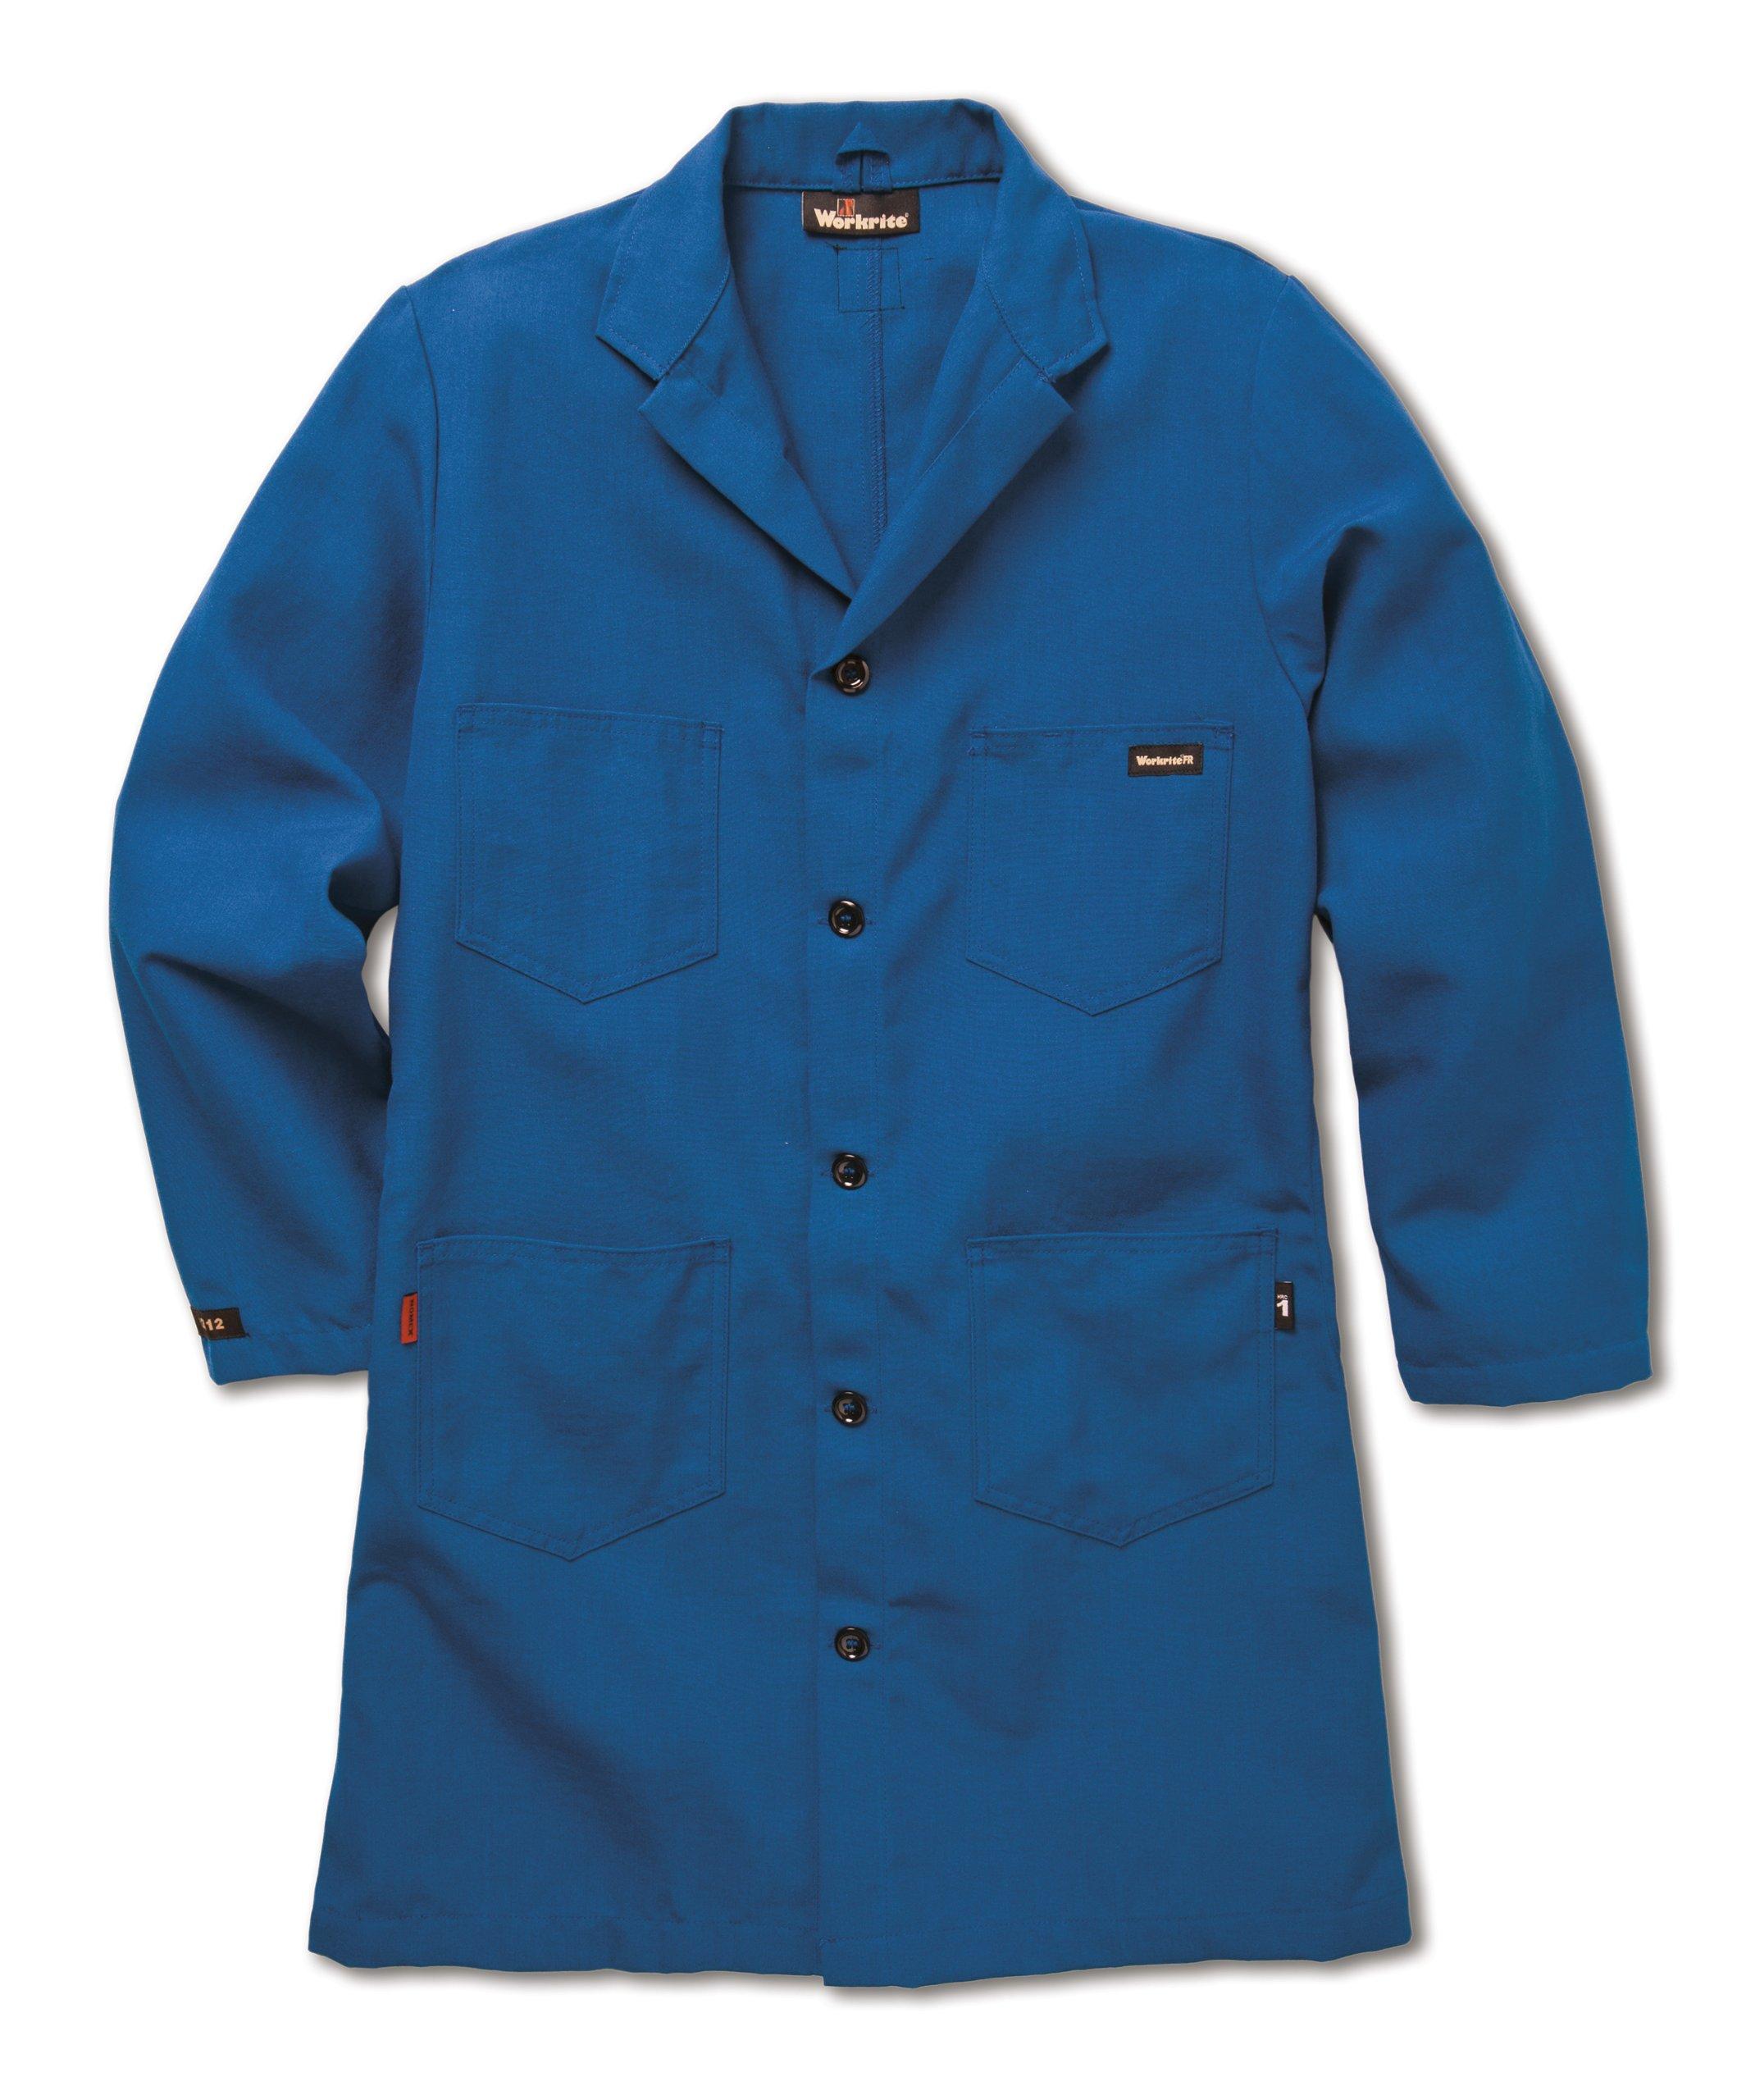 Workrite FR Flame Resistant 6 oz Nomex IIIA Lab Coat, X-Large, Regular Length, Royal Blue